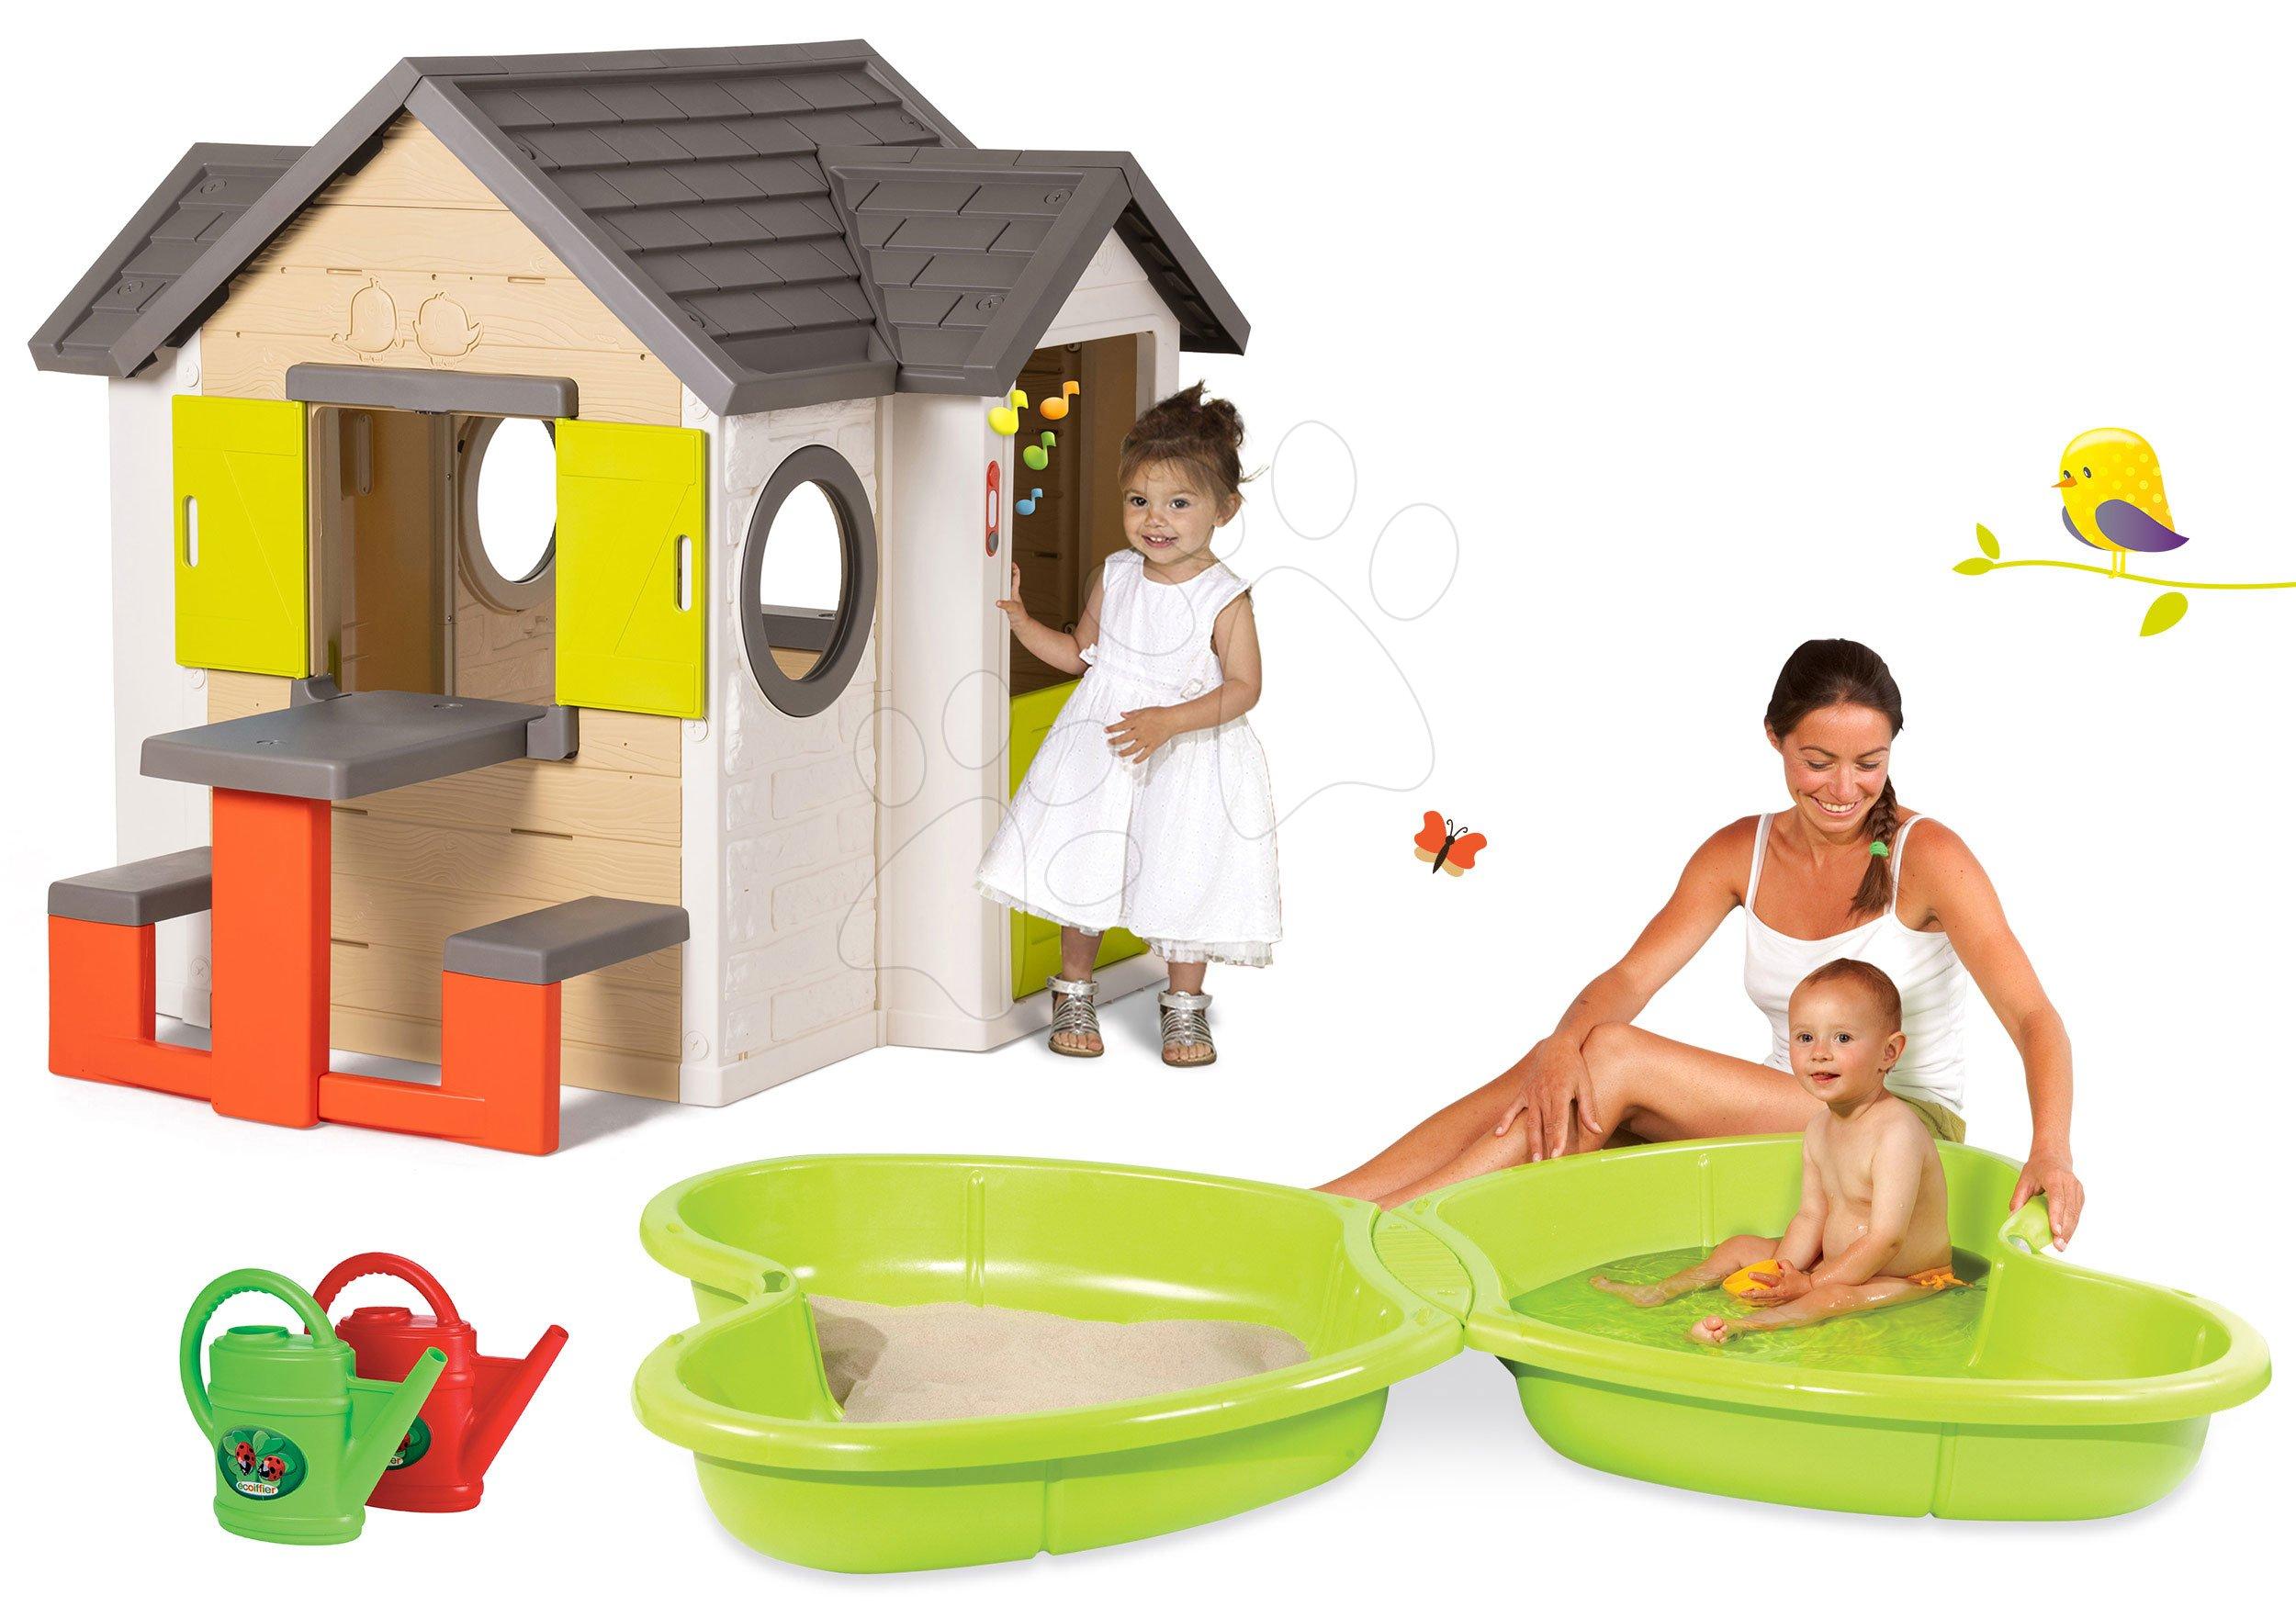 Smoby set detský domček My House Smoby so zvončekom a pieskovisko Motýľ s vodotryskom a krhličkou 810401-20